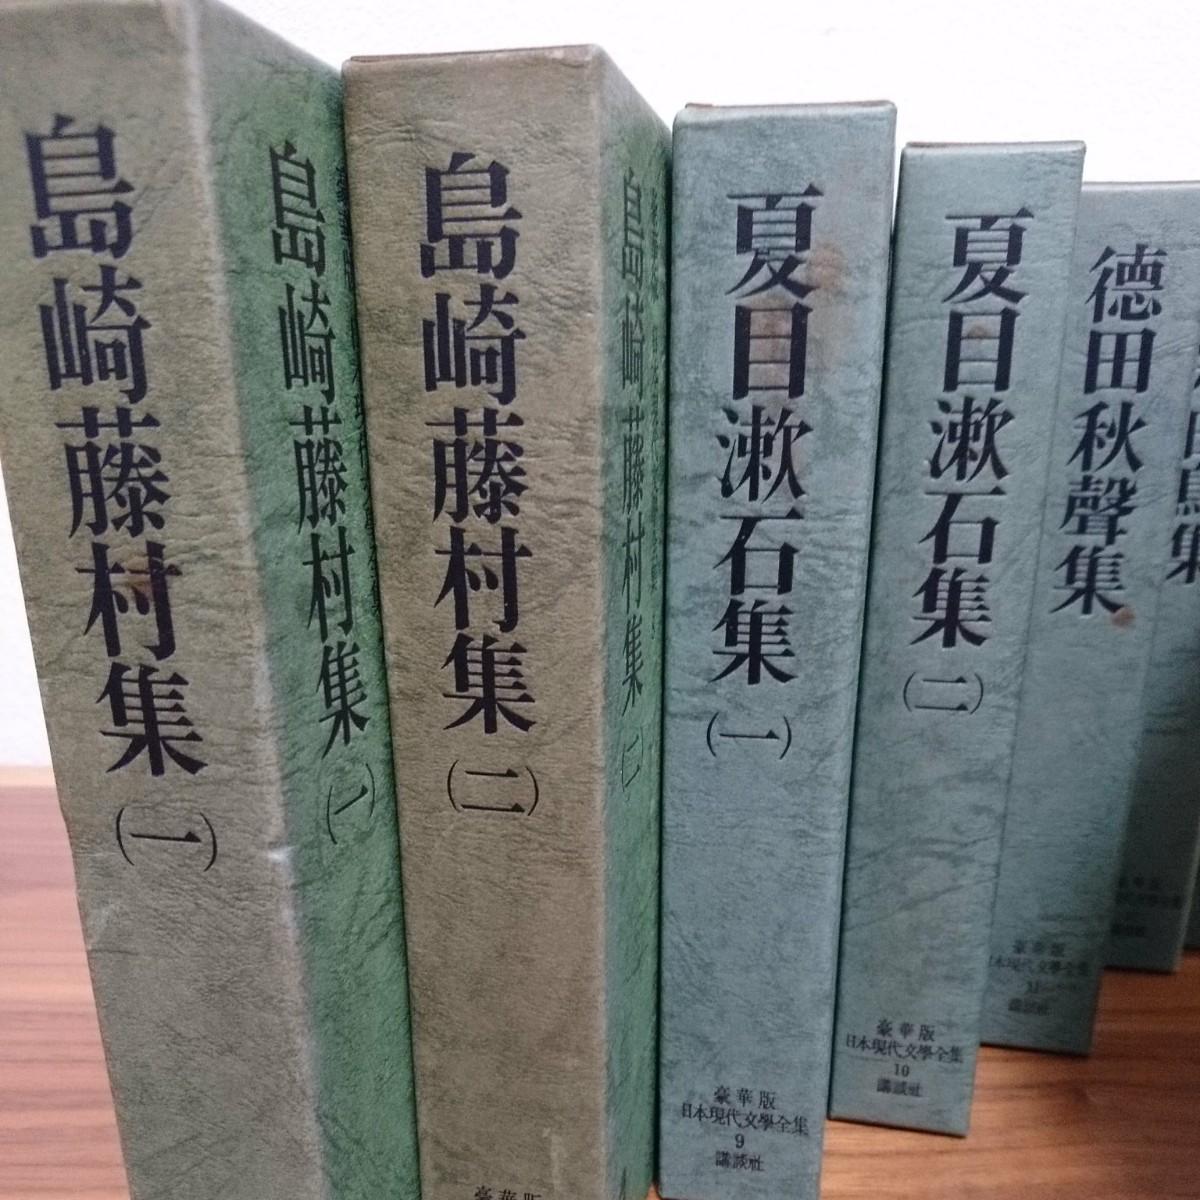 講談社  豪華版  日本現代文学全集 1巻~19巻